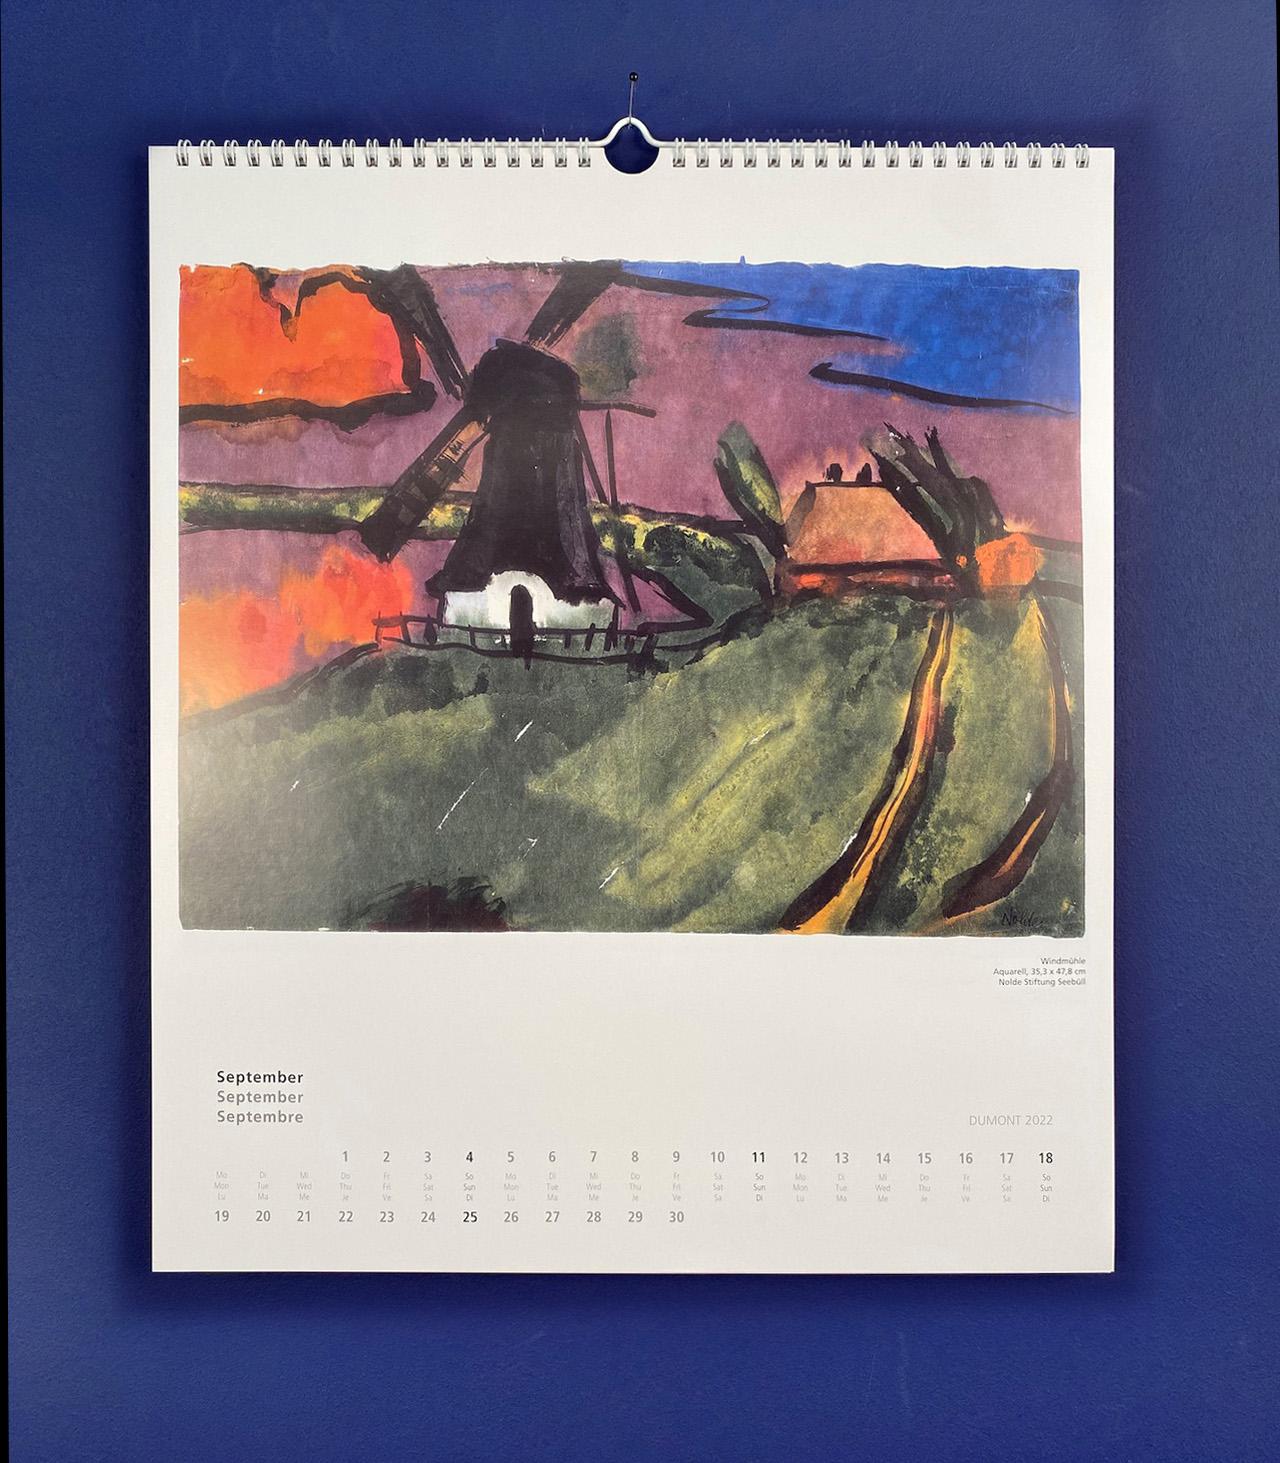 Kalender Nolde. Ein DuMont-Kalender für das Jahr 2022